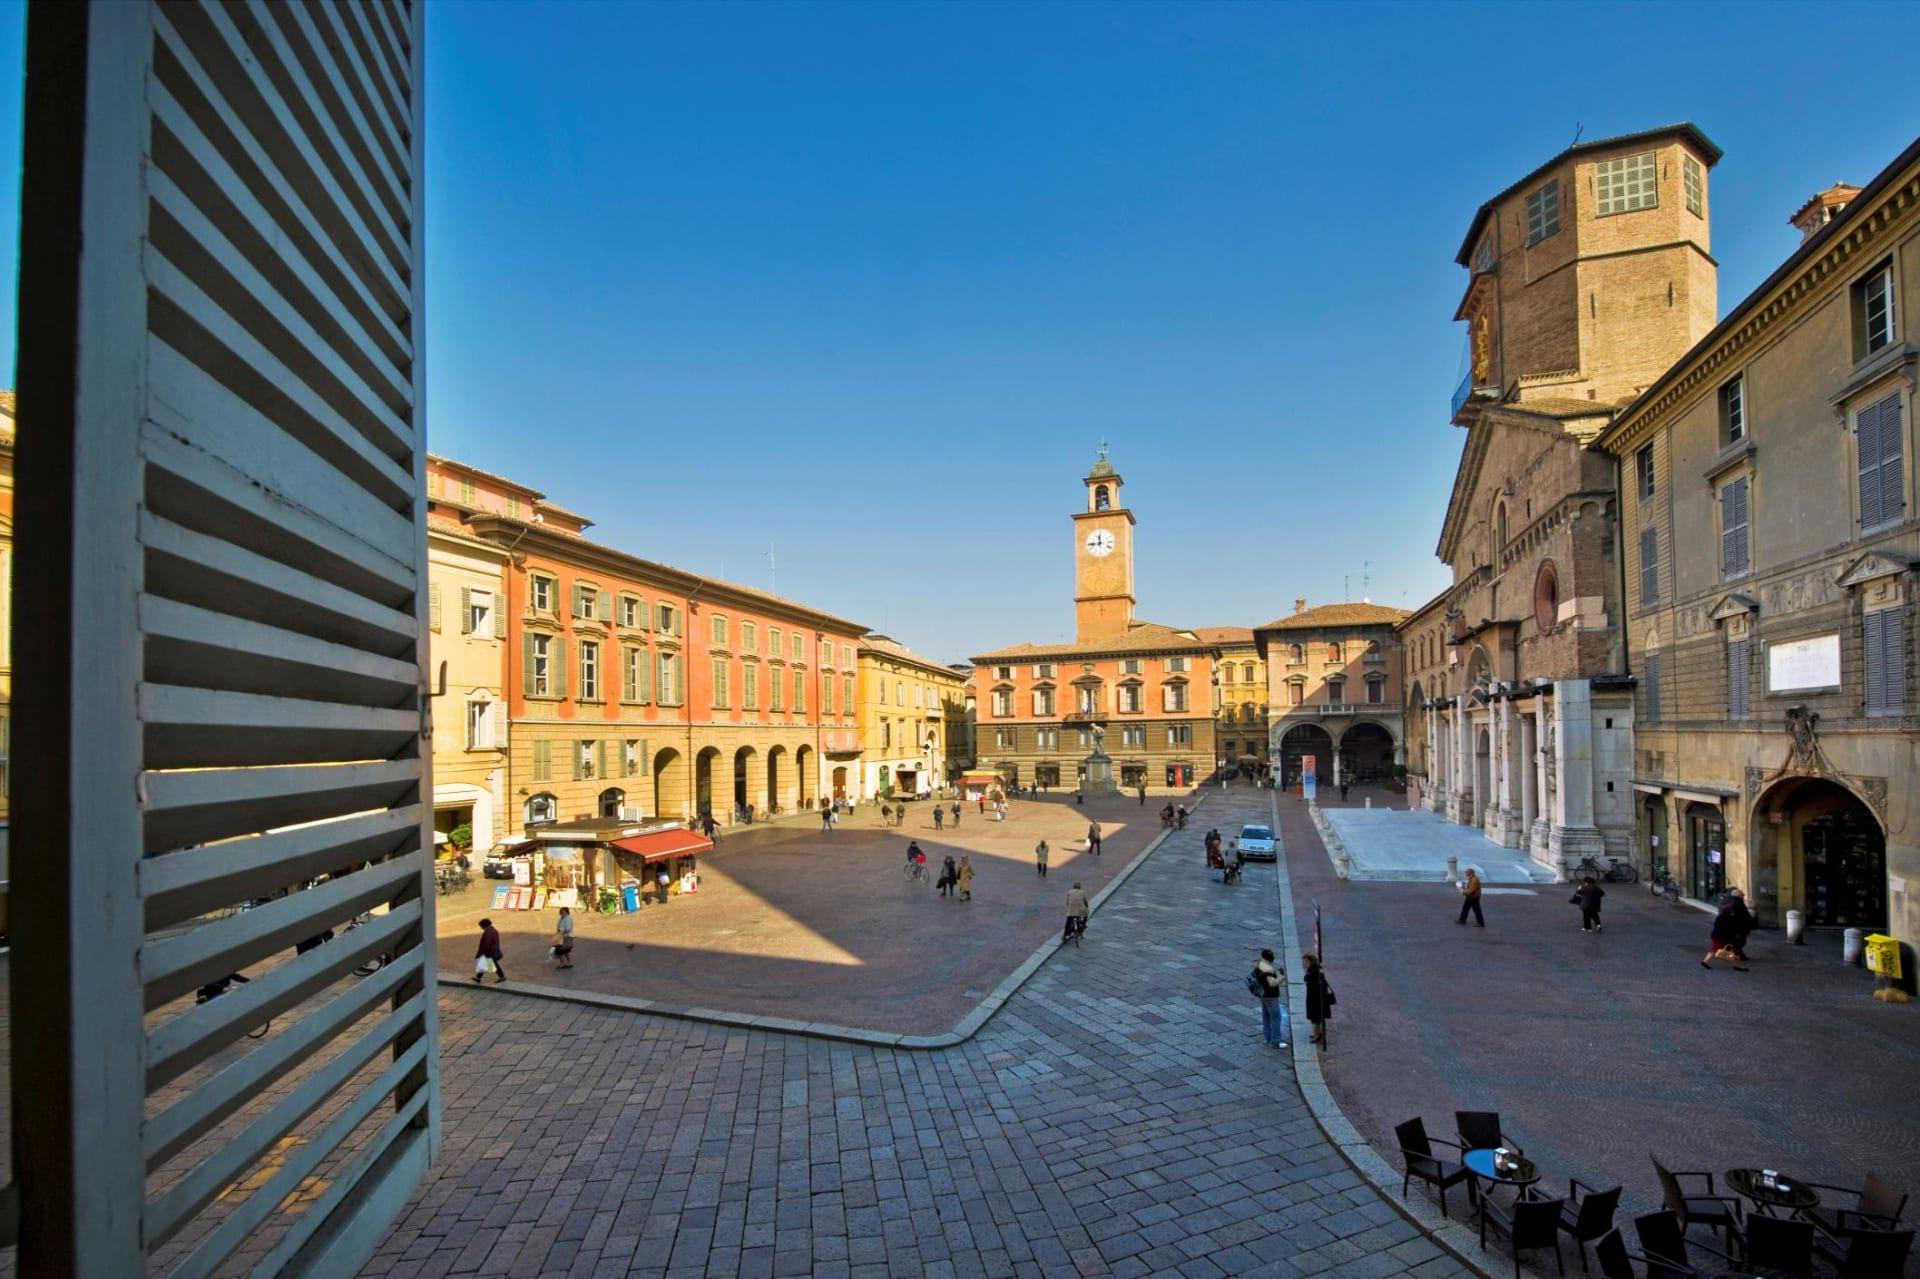 منازل إيطاليا بتكلفة ما يزيد عن الدولار بقليل تعود بنهج مختلف.. ما هو؟